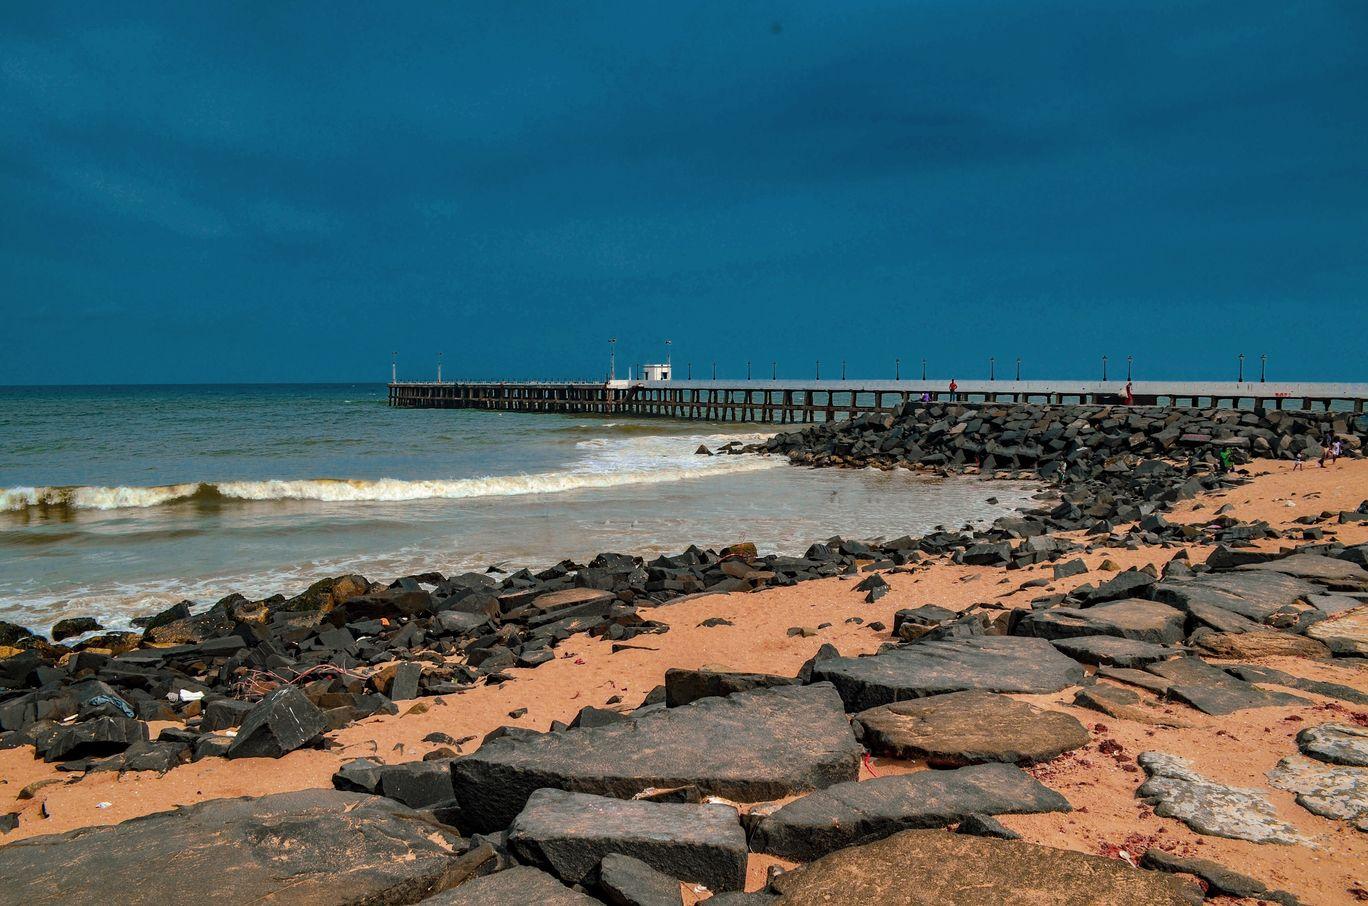 Photo of Rock Beach By not.homeyet (Aditya)